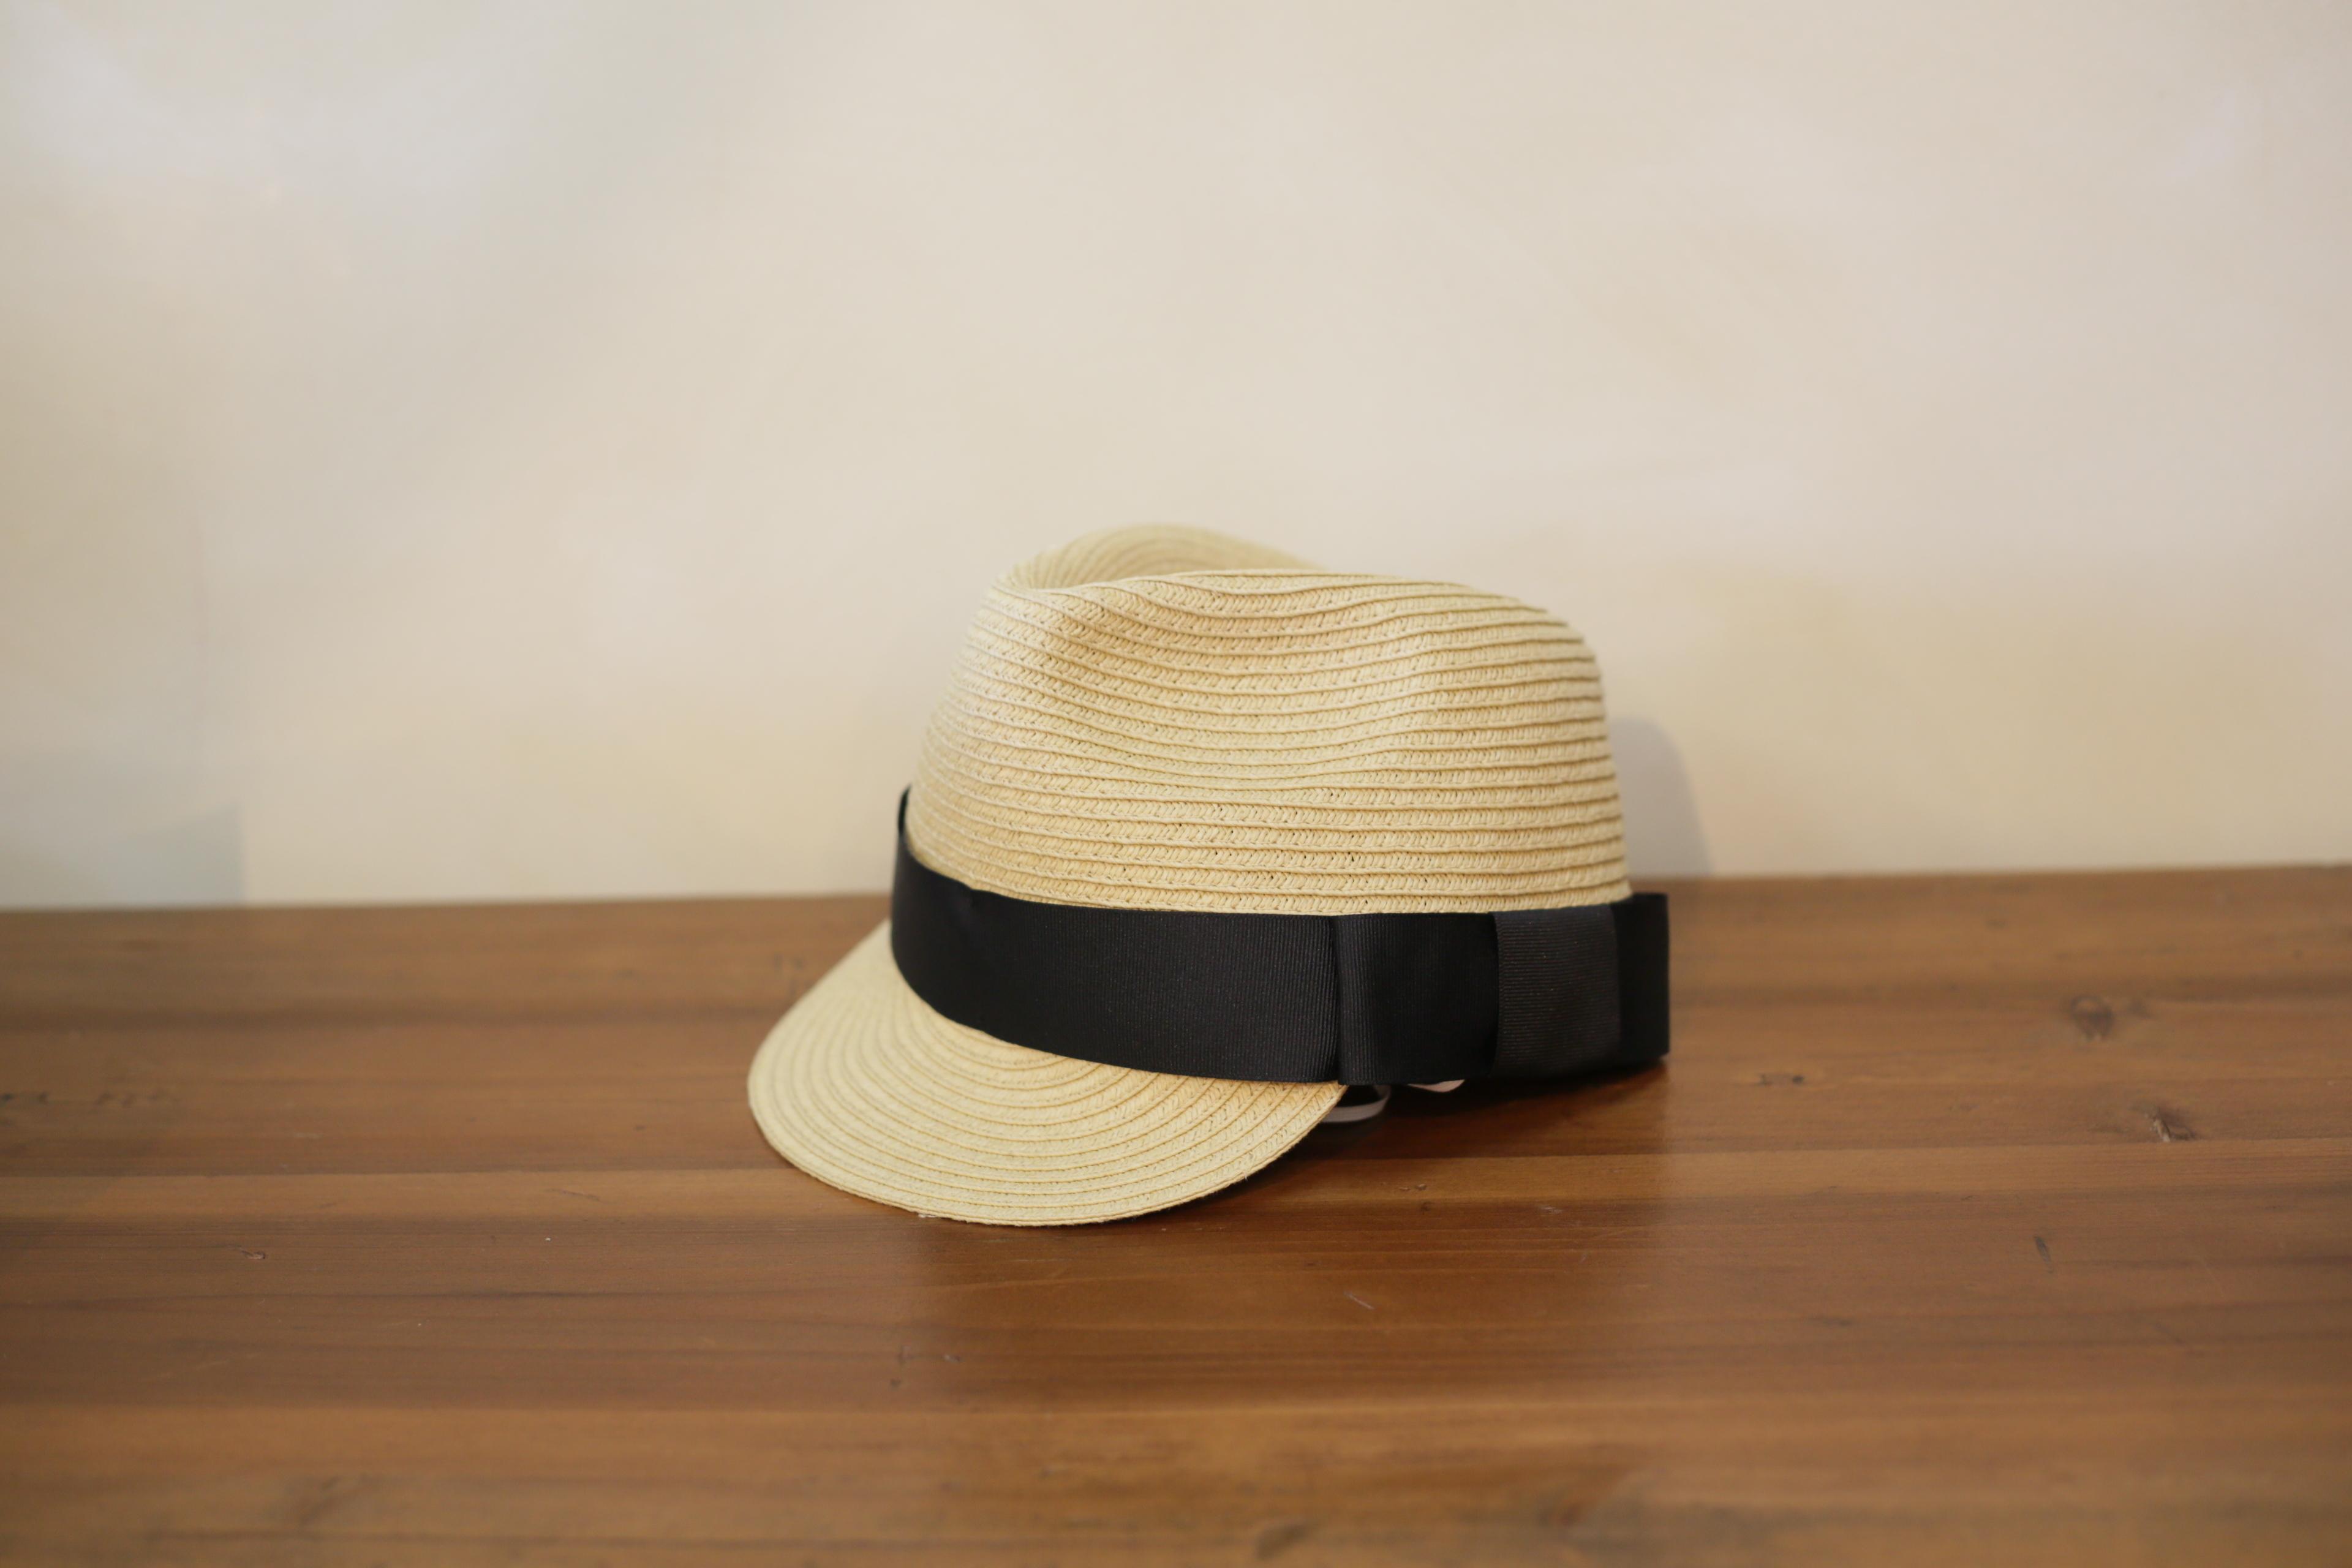 【再入荷】 chocolatesoup(チョコレートスープ)PAPER BRAID JOCKY HAT / black / S・M